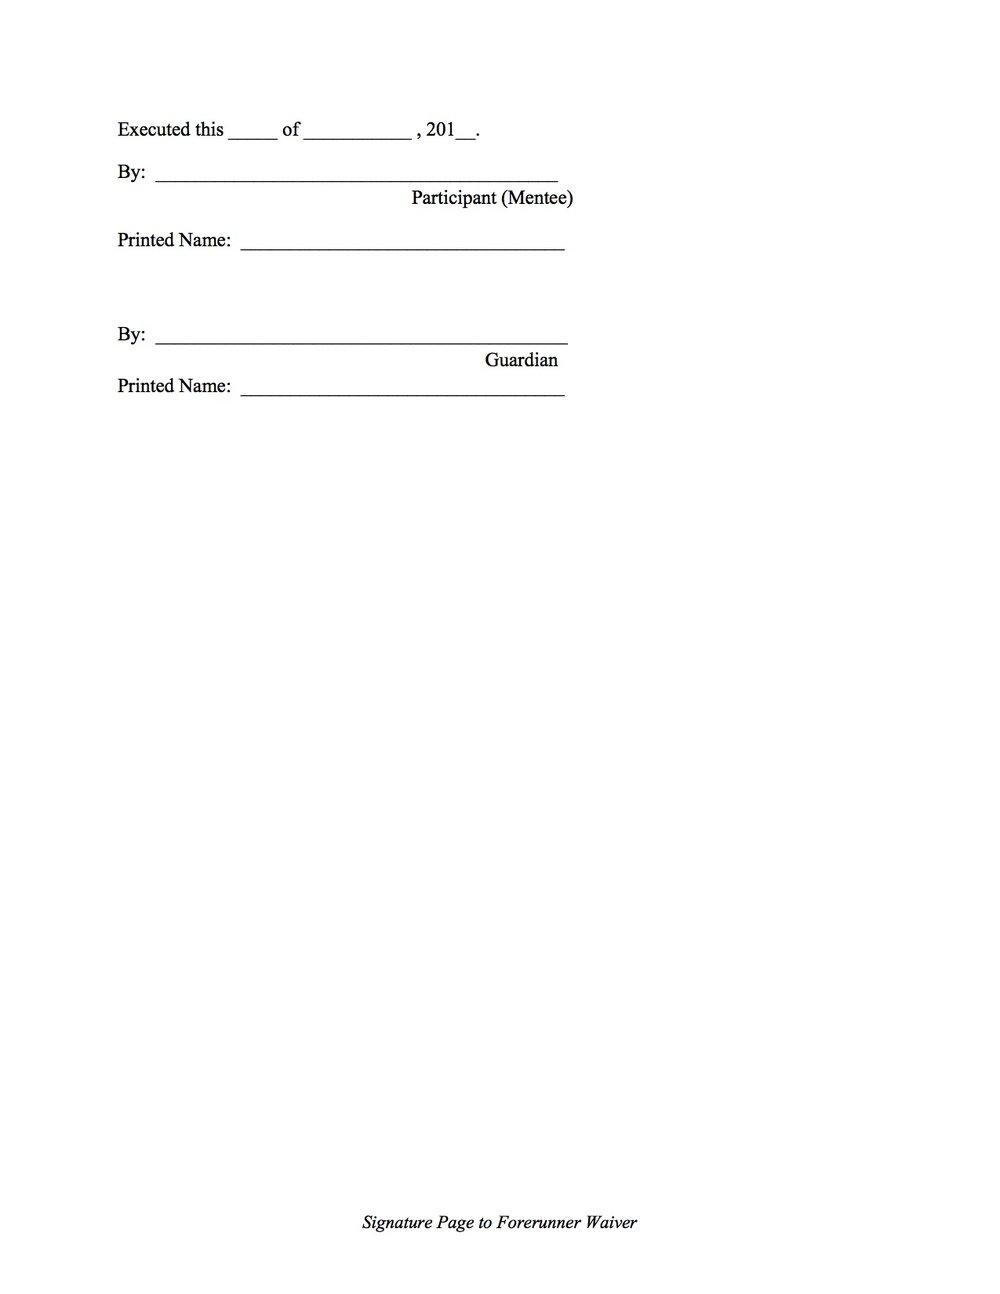 Forerunner Liability Waiver 4 .jpg